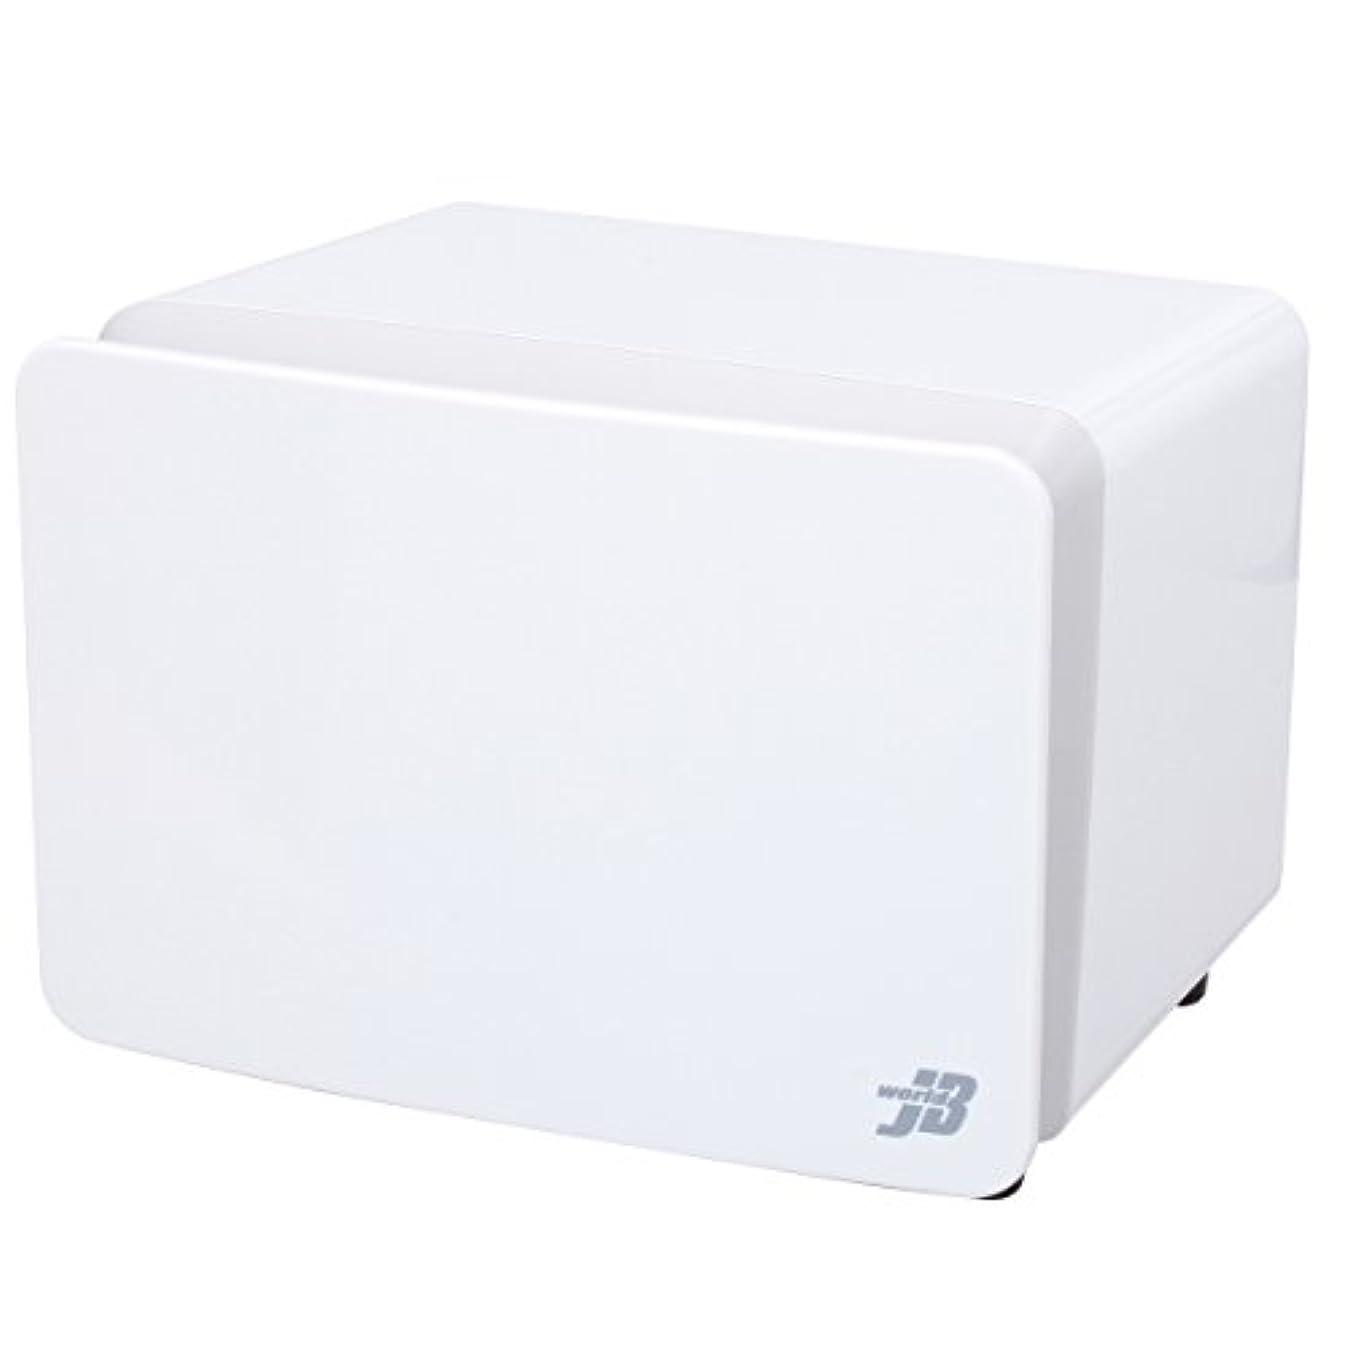 アミューズ計算可能認証タオルウォーマー KRS-WM8 (前開き) ホワイト 8L 高さ25×幅33×奥行27cm [ タオル蒸し器 おしぼり蒸し器 タオルスチーマー ホットボックス タオル おしぼり ウォーマー スチーマー 小型 業務用 保温器 ]